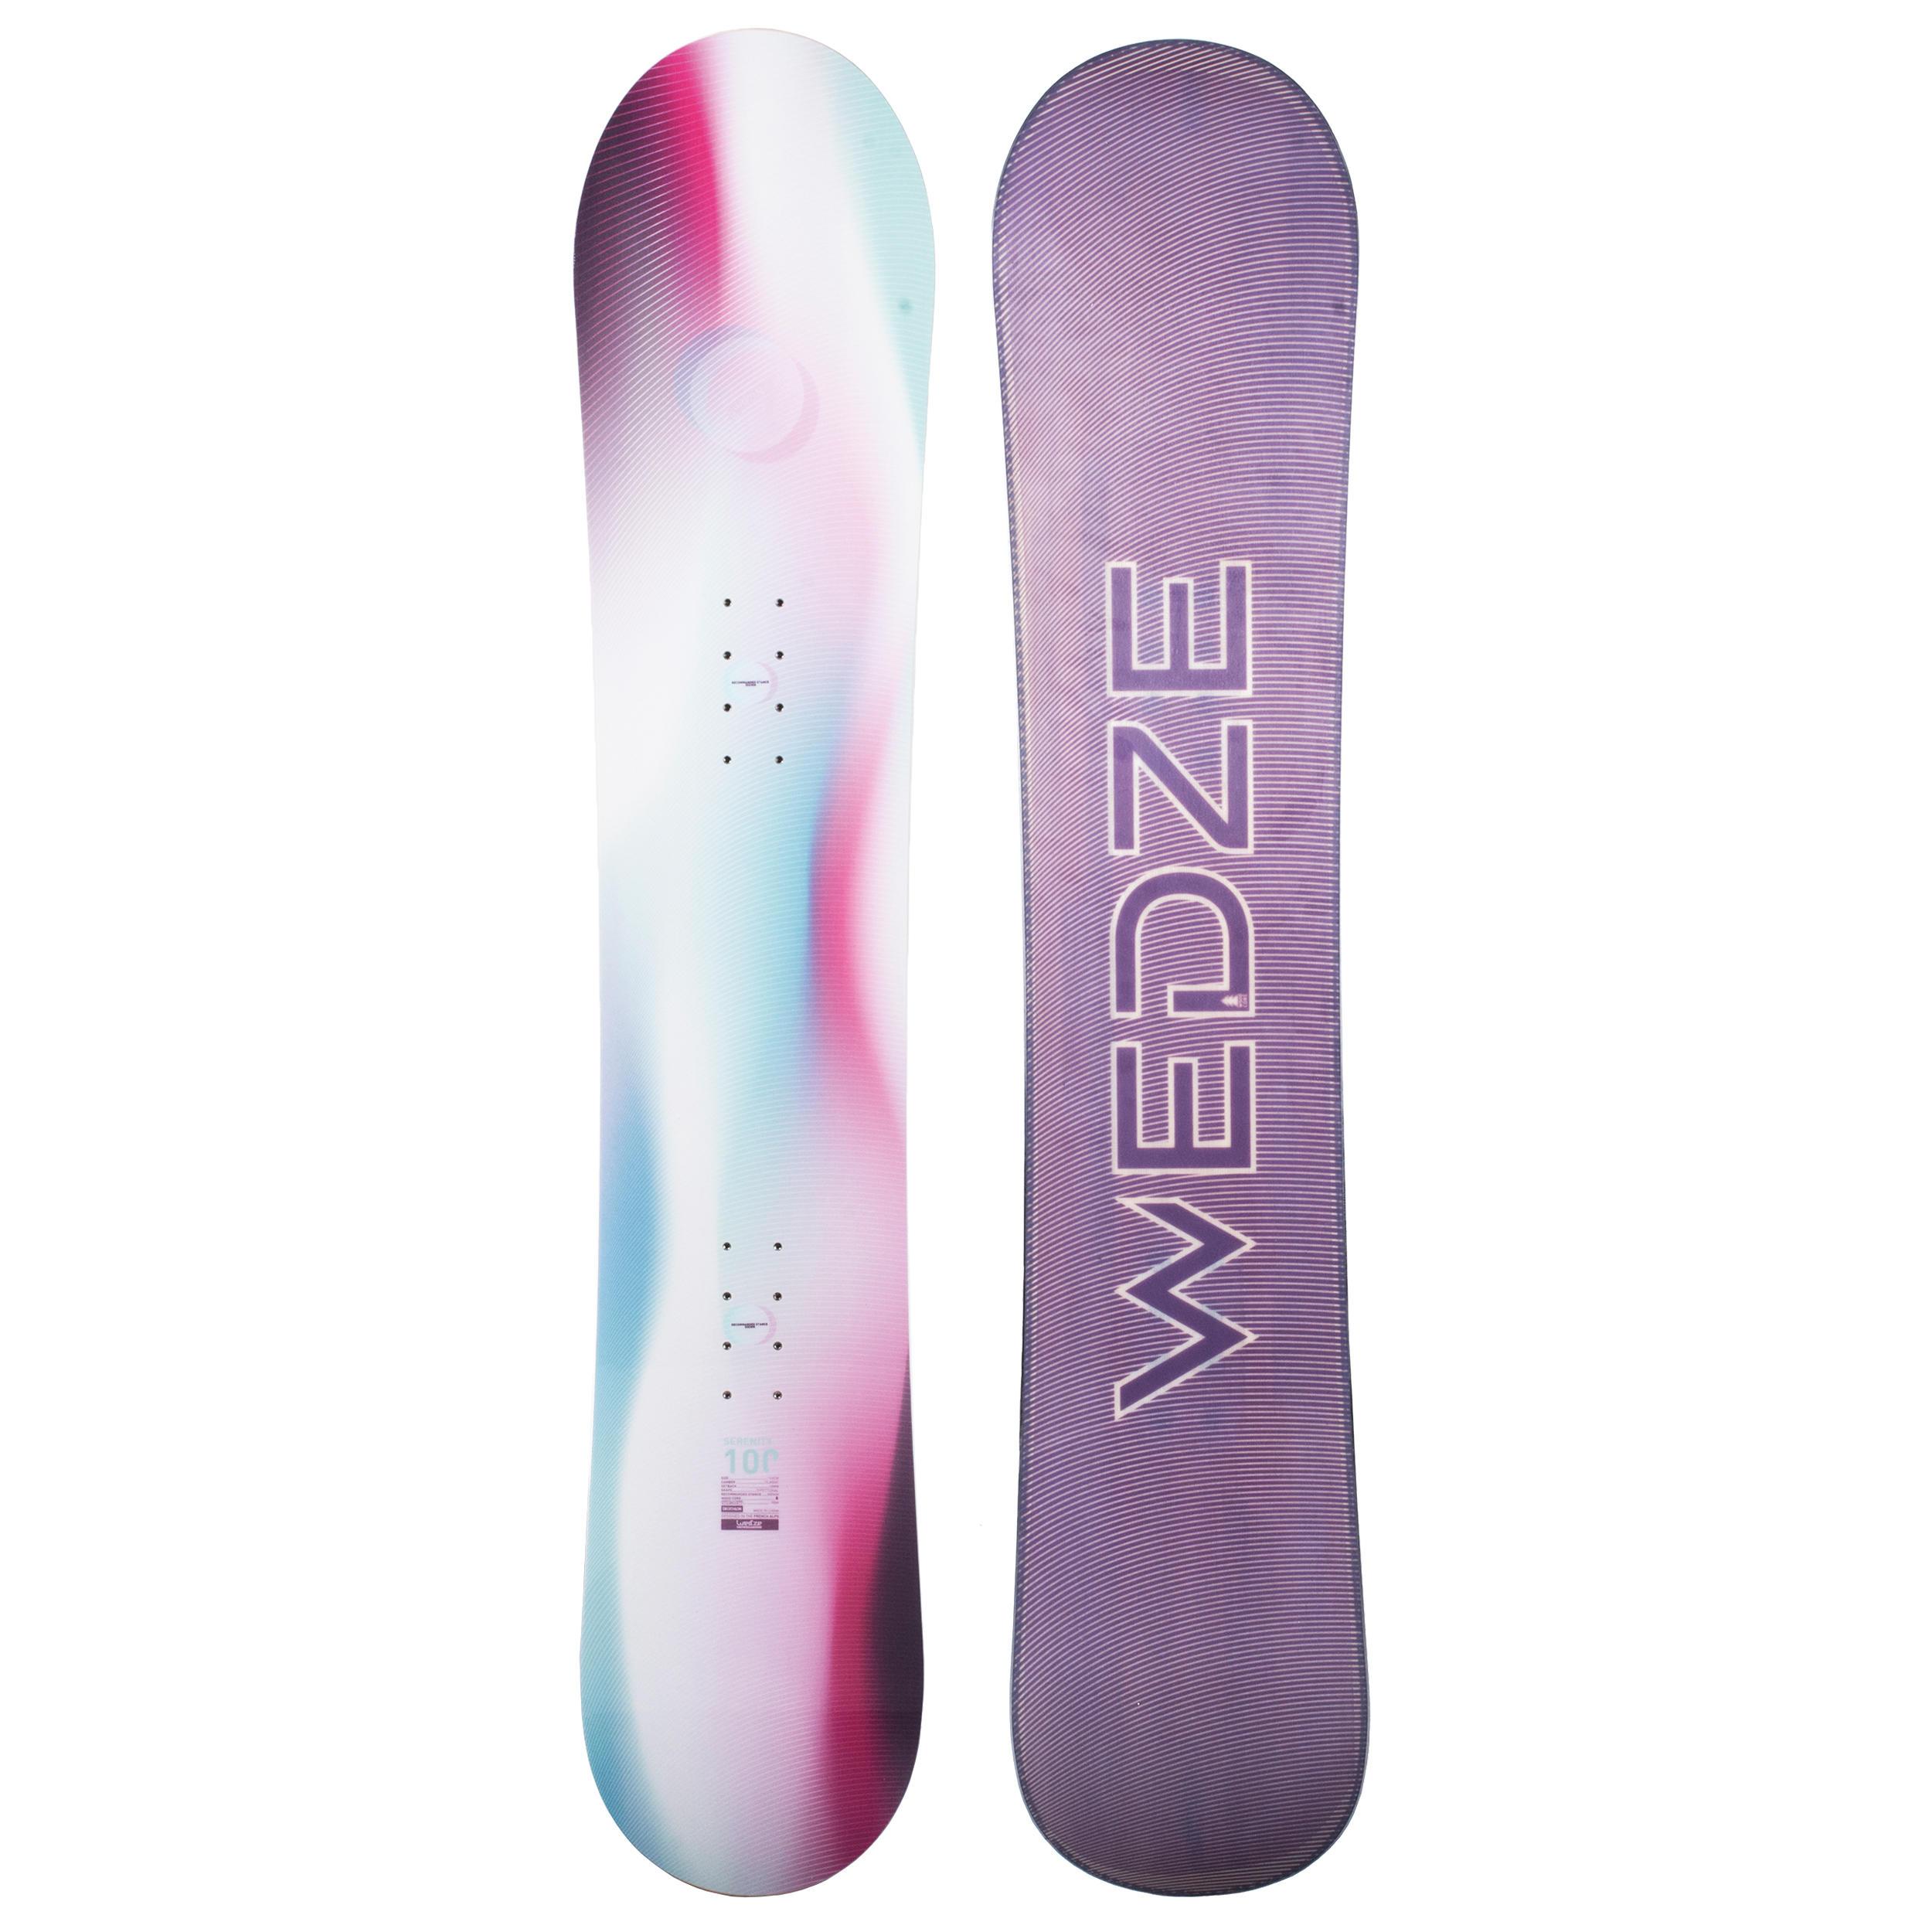 Achat Snowboard Et Snow Pas Cher Decathlon